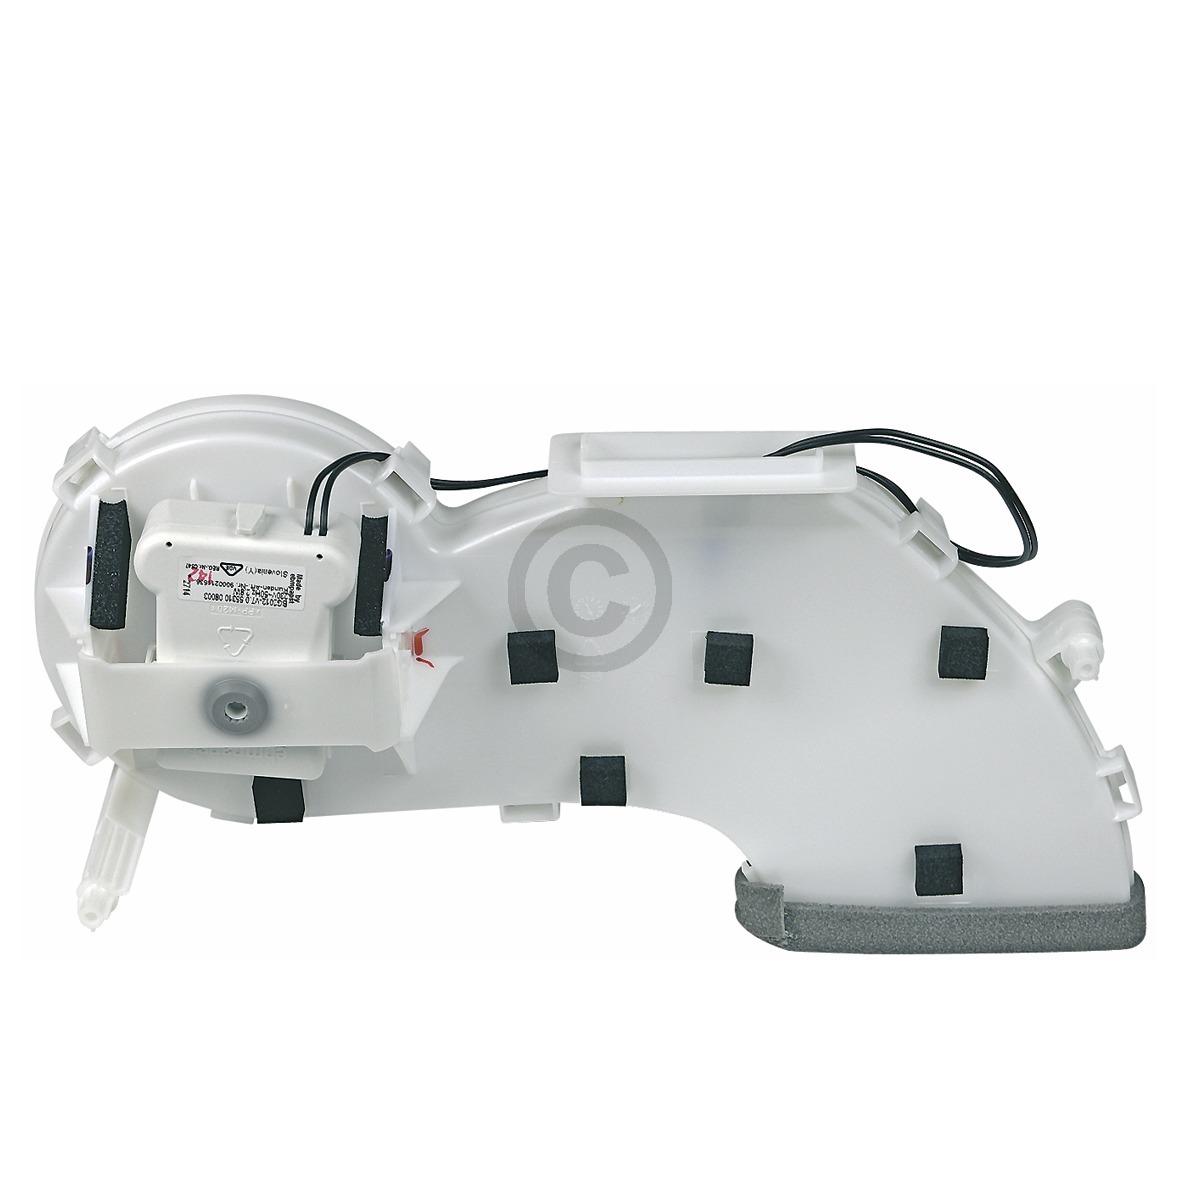 Ventilator 2,8 Watt, 230 Volt 00669430 669430 Bosch, Siemens, Neff